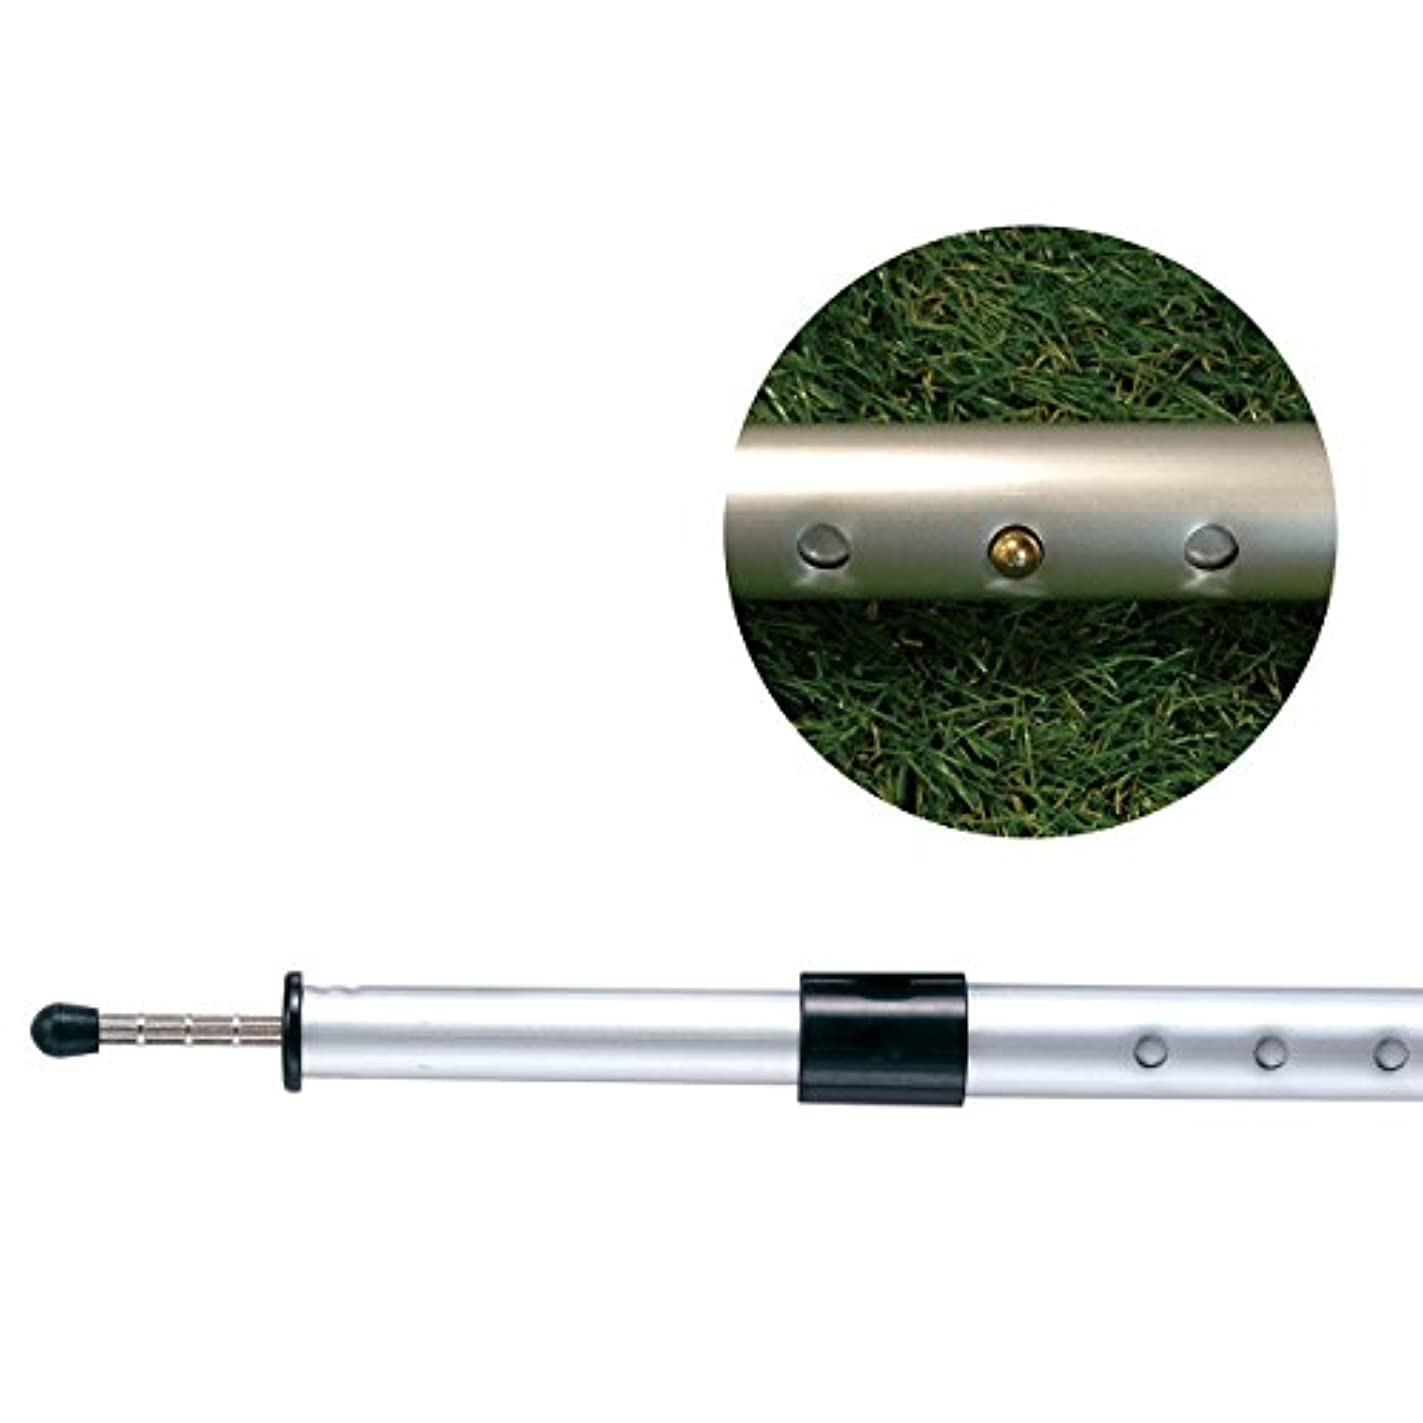 相続人便宜最小化するロゴス(LOGOS) プッシュアップポール 250cm プッシュピン 高さ調節 105cmから250cmまで34段階